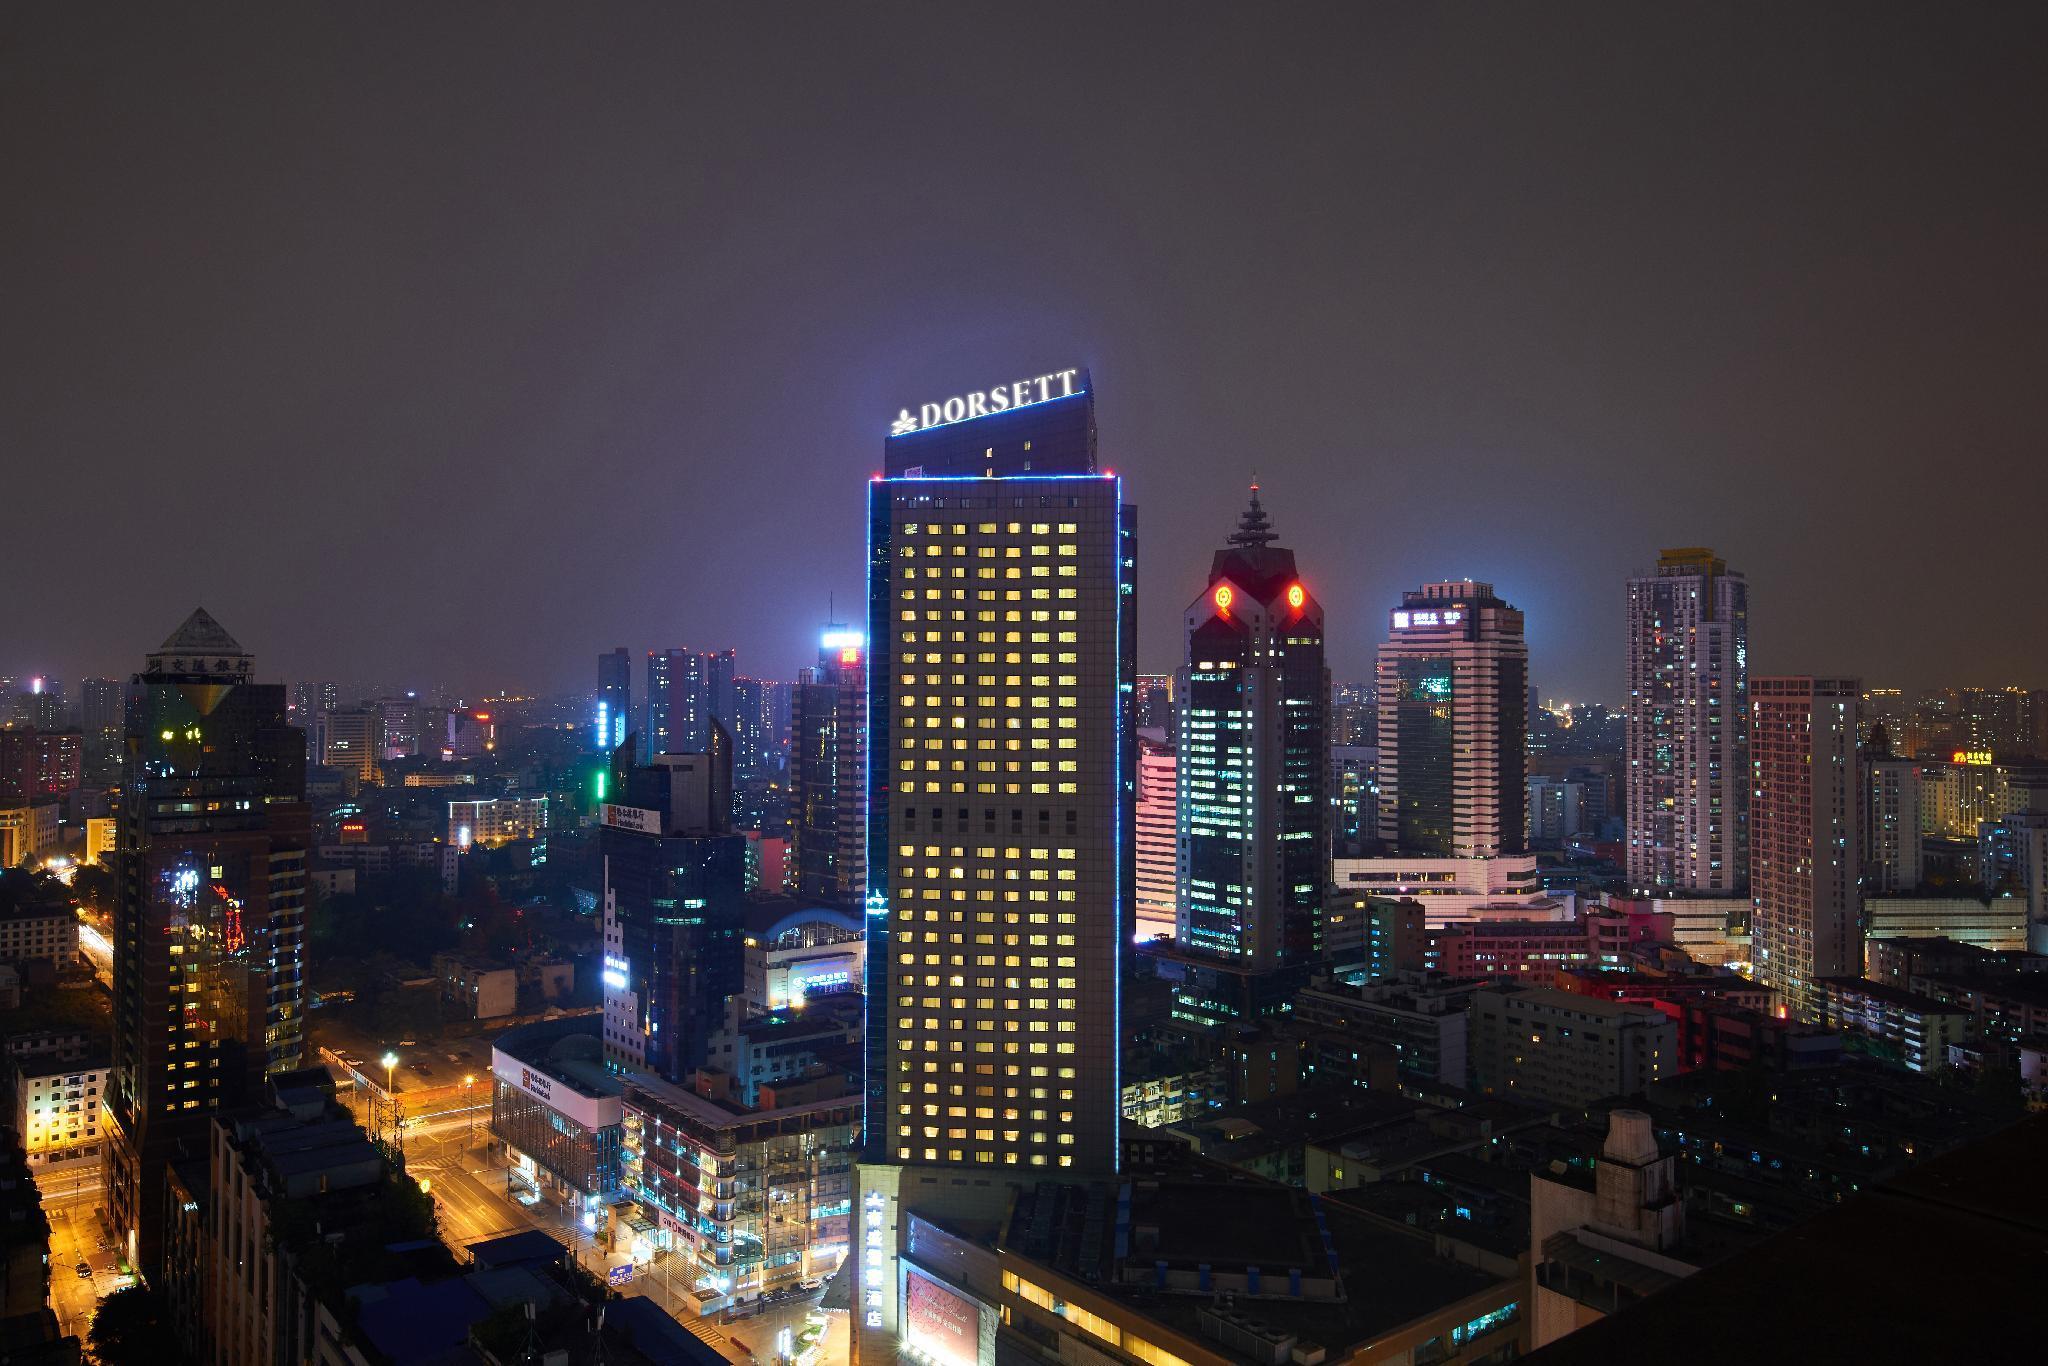 Dorsett Chengdu Hotel